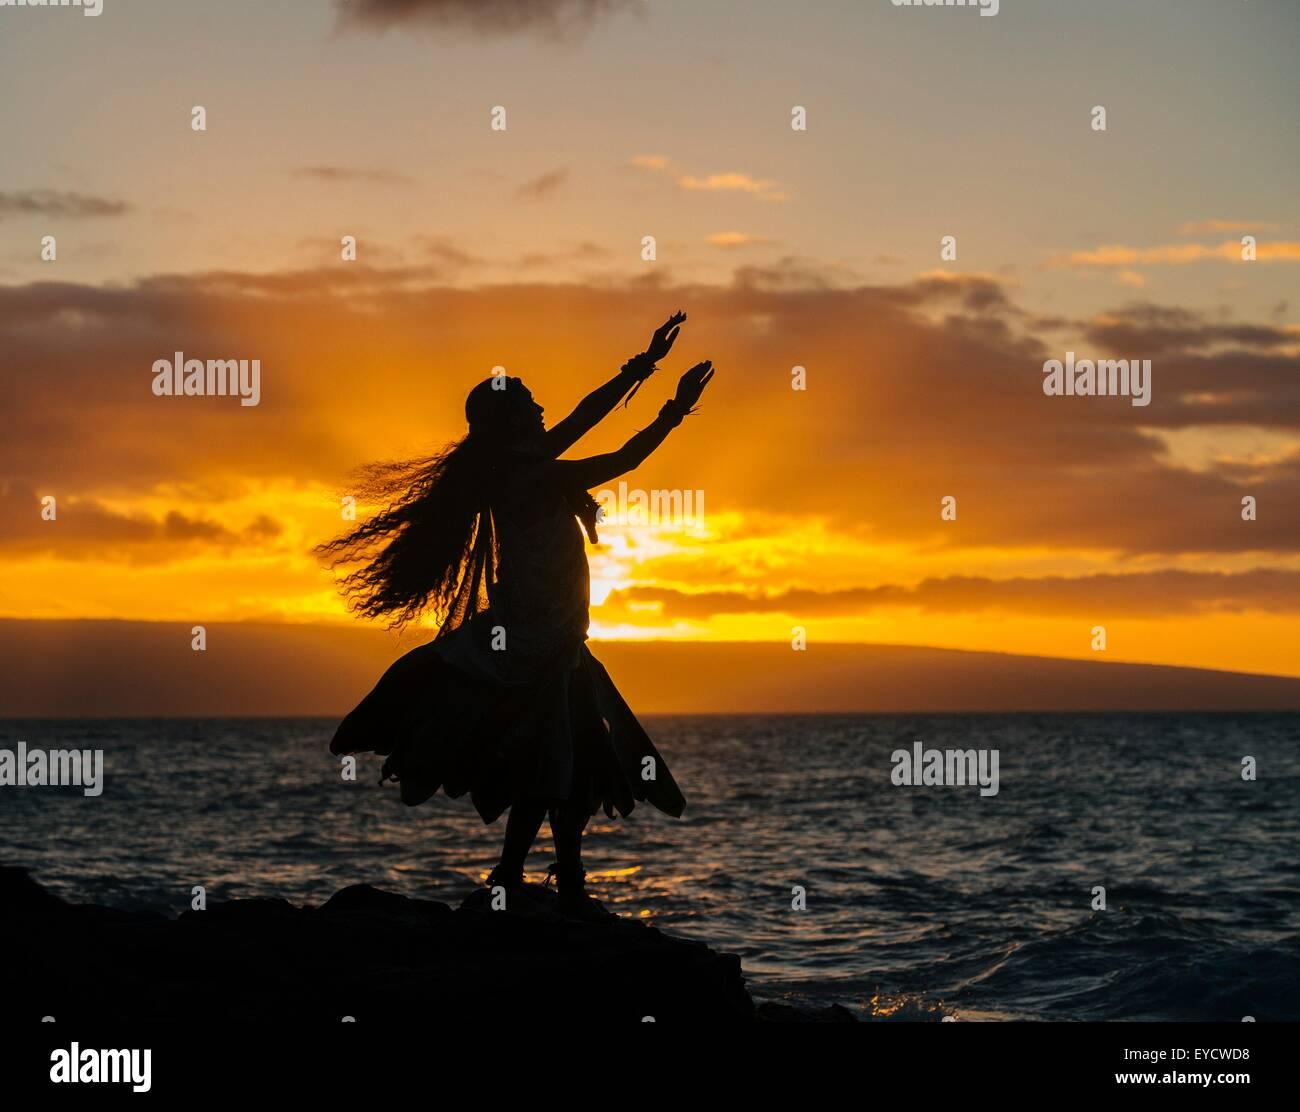 Siluetas de mujer joven con traje tradicional, hula dancing en la costa de roca al atardecer, Maui, Hawaii, EE.UU. Foto de stock